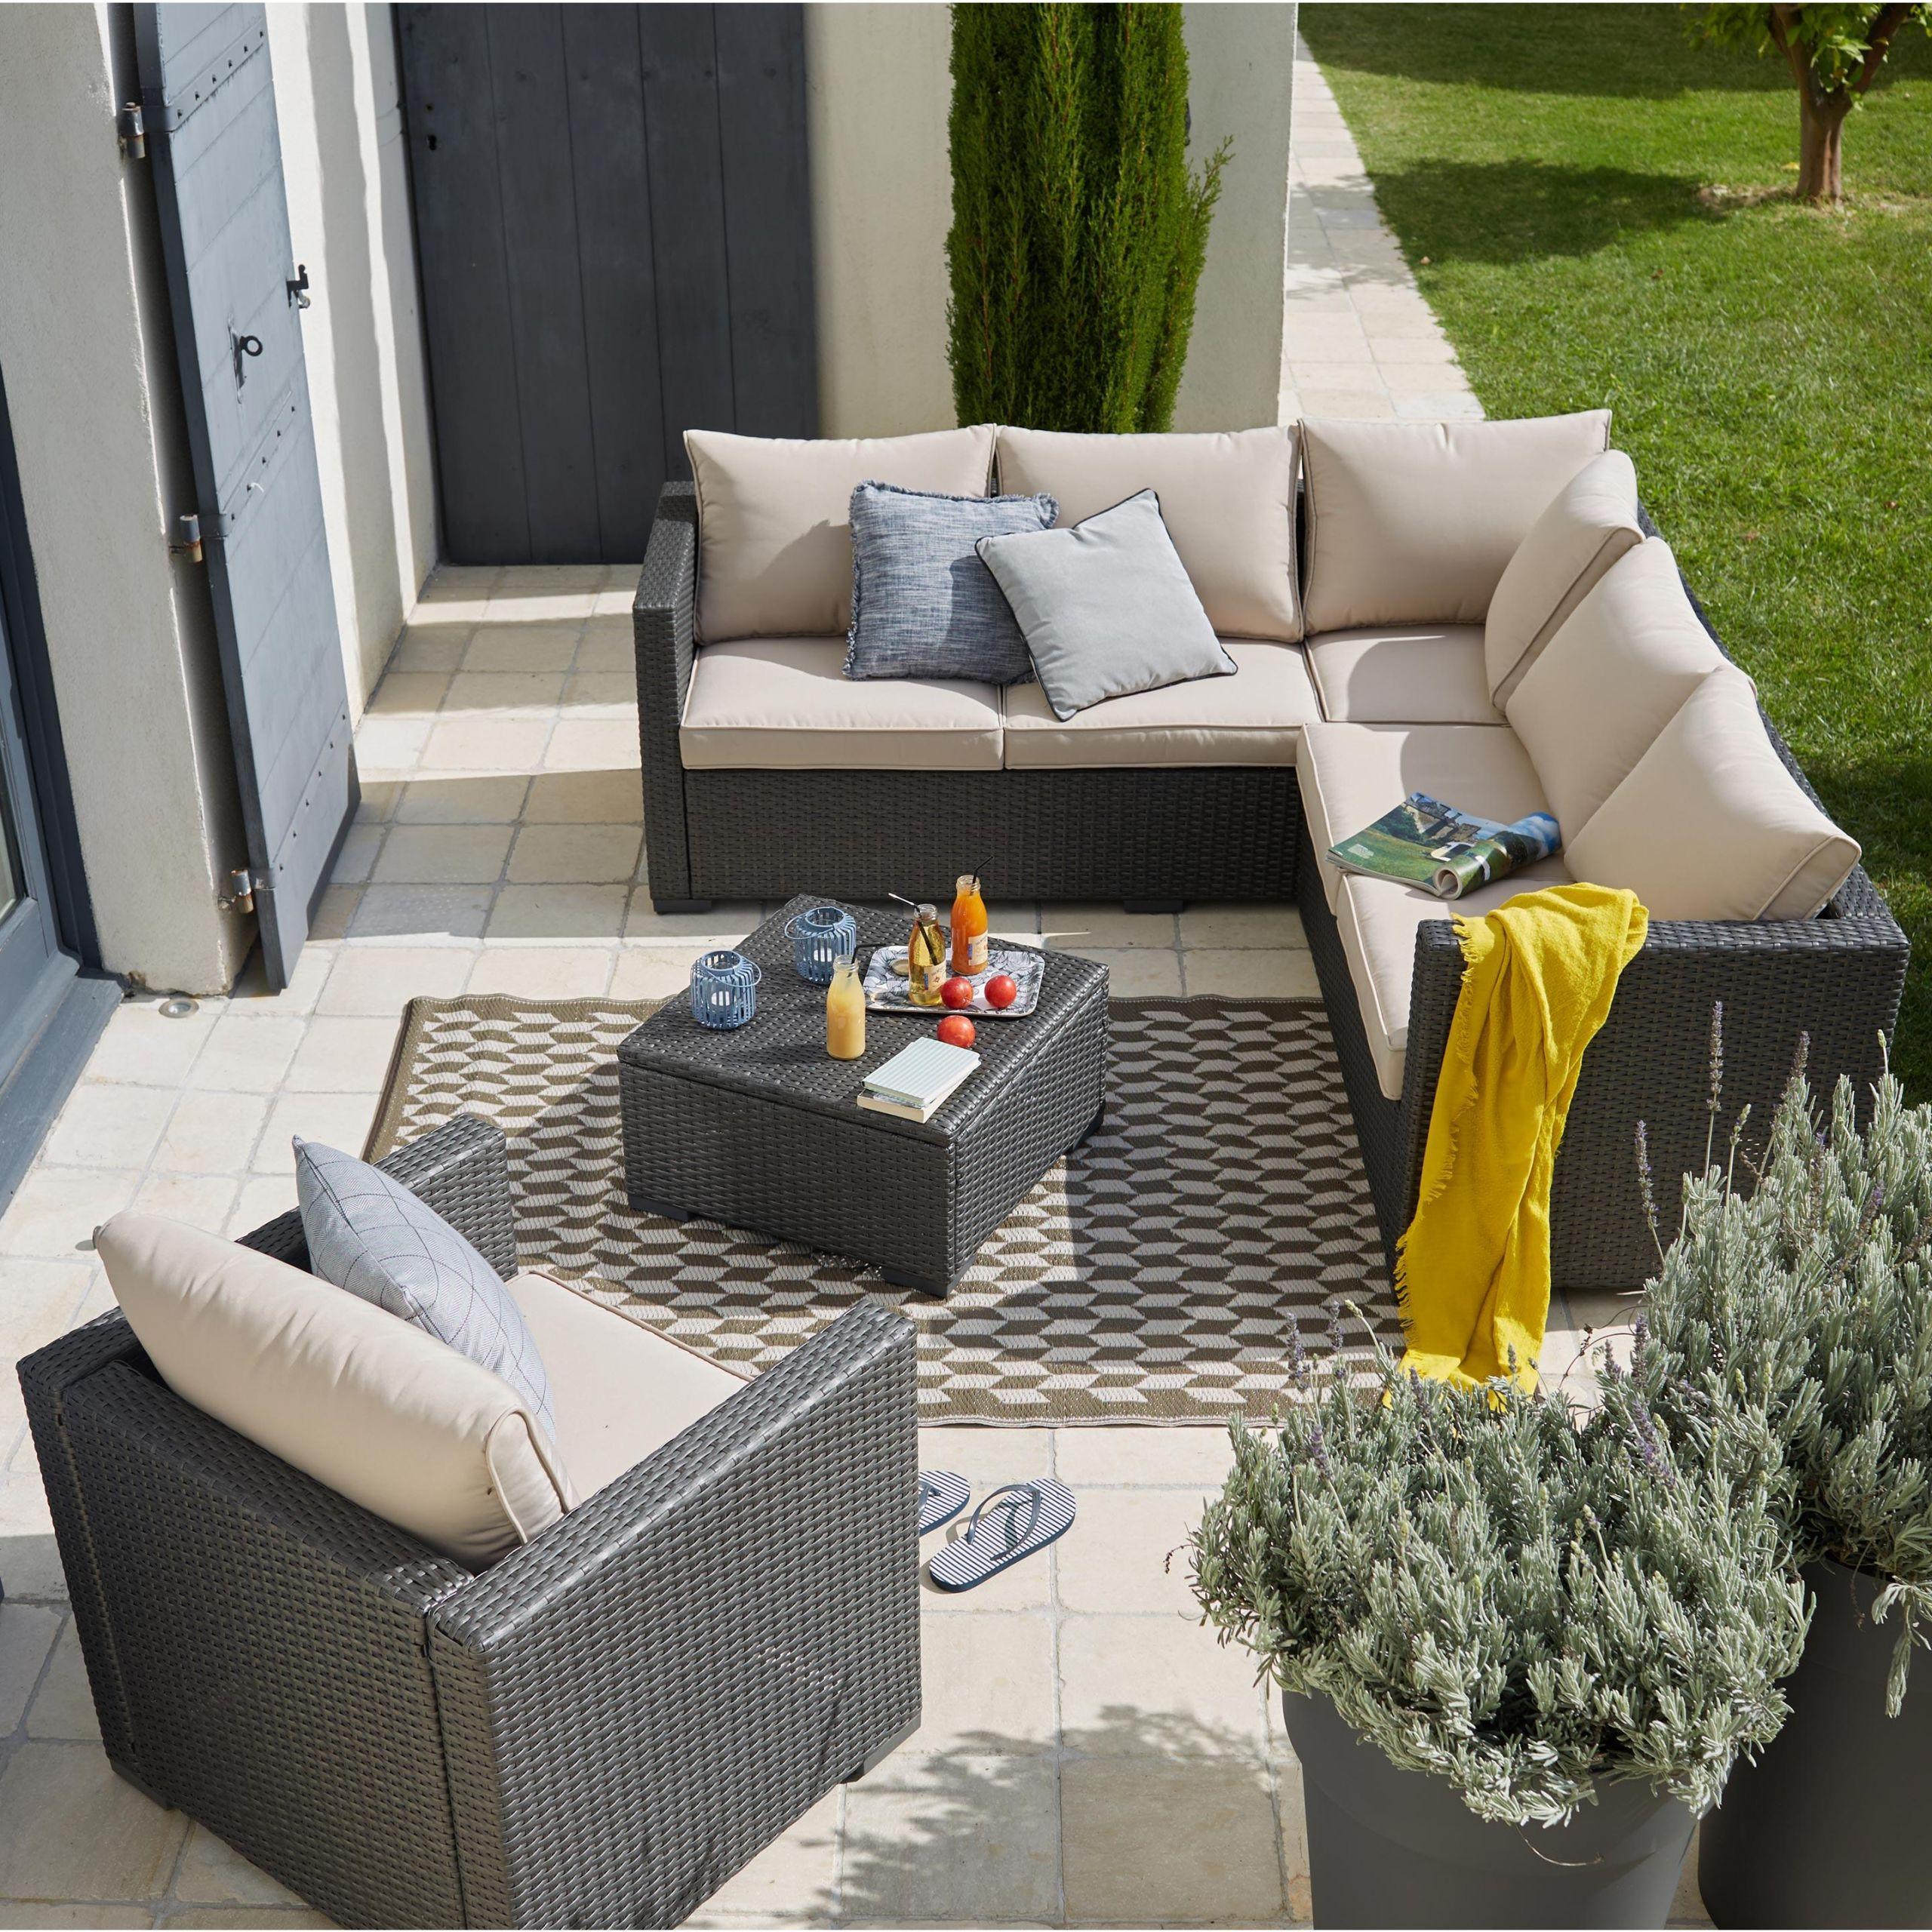 35 Best Of Destockage Salon De Jardin Resine Tressee   Salon ... encequiconcerne Salon De Jardin Destockage